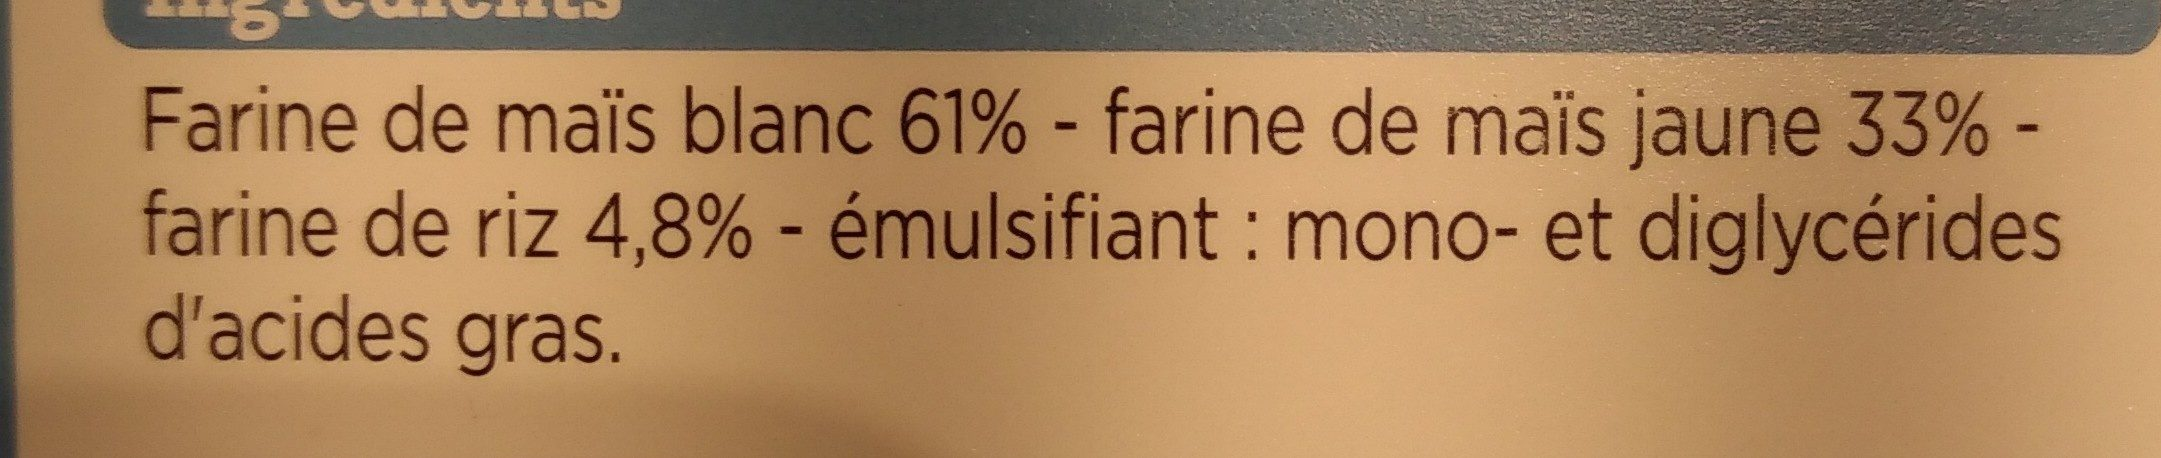 Penne - Ingrédients - fr